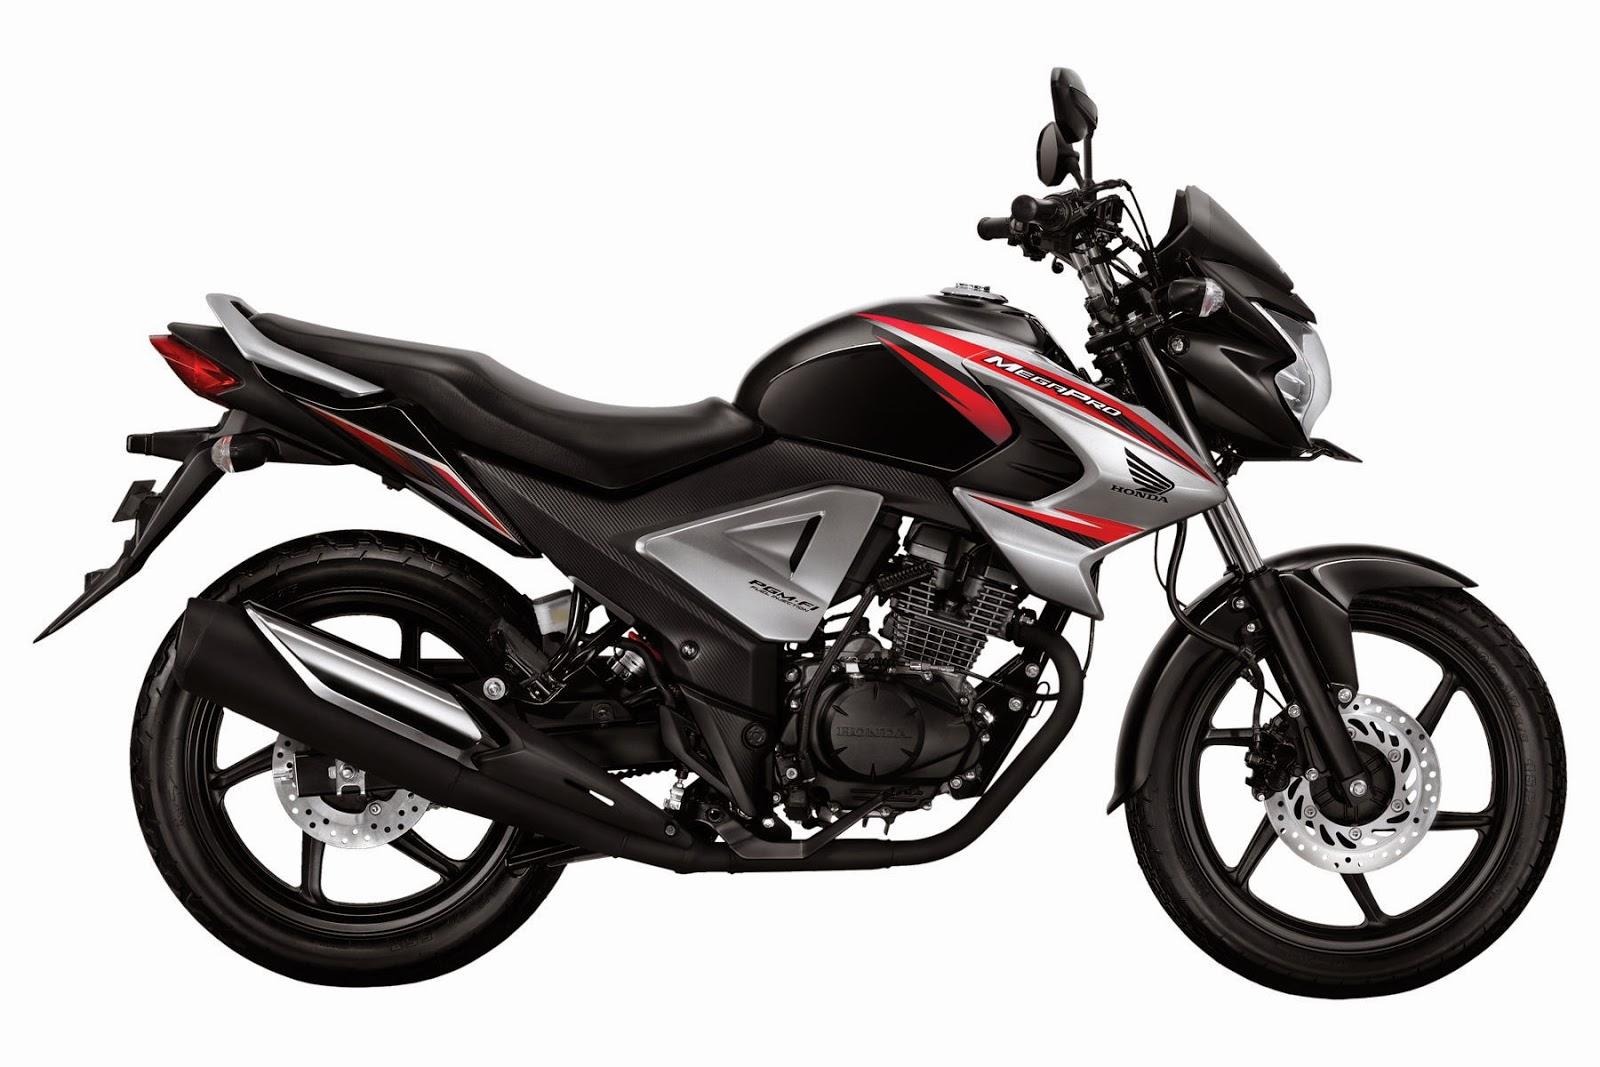 New Honda MegaPro FI Brave Black